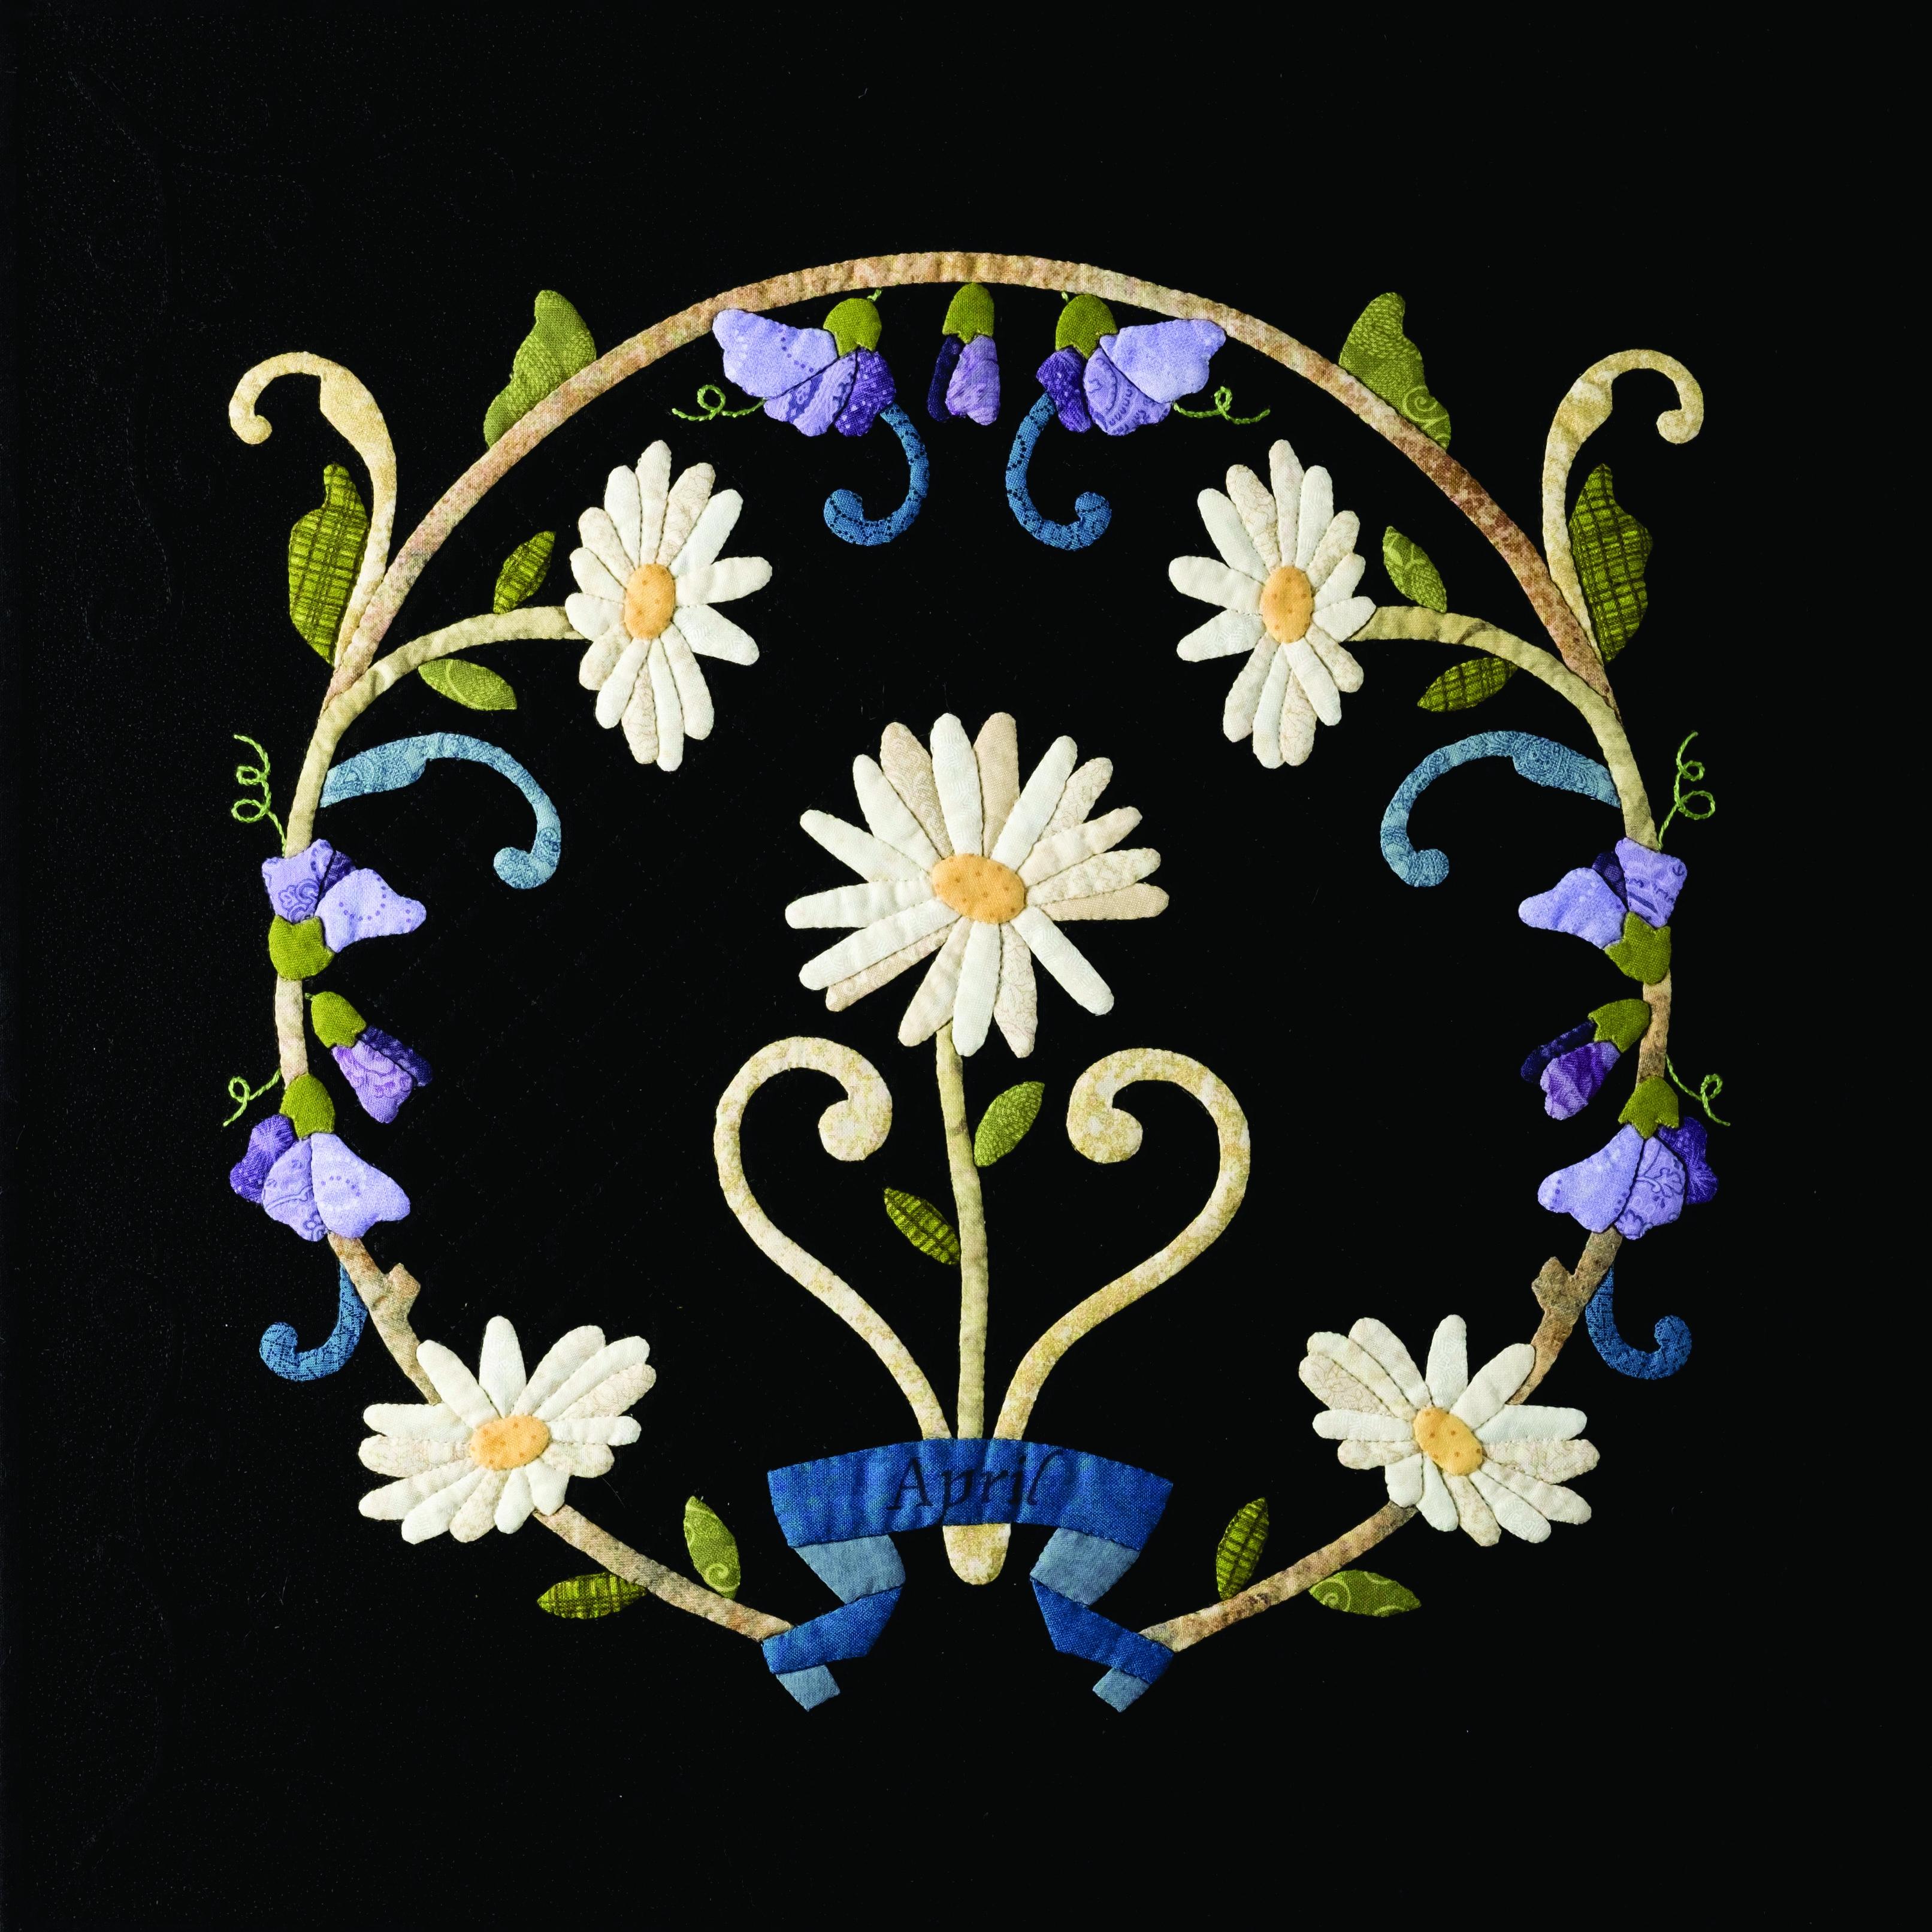 WKW.3,d - Birth Flower Appliqué - WORKSHOP